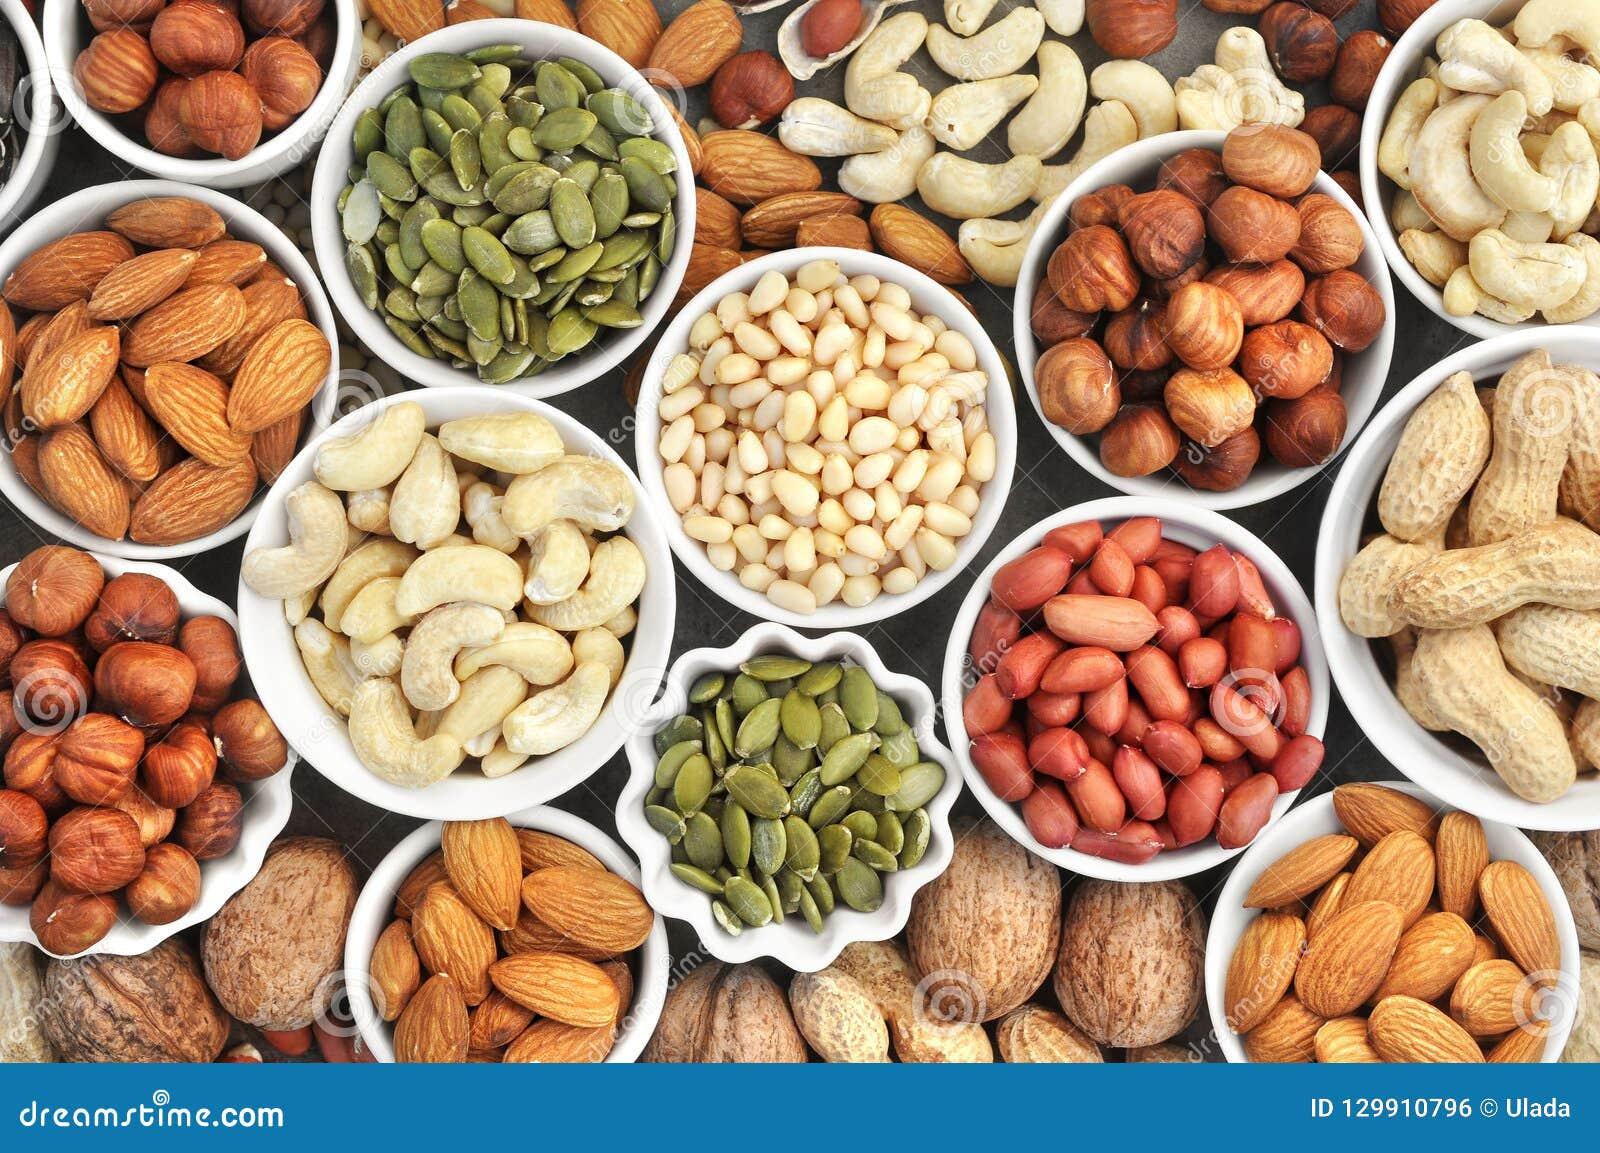 Bunte Mischung von Nuss- und Samenvielzahl: Erdnuss, Acajoubaum, Haselnuss, Mandel, Kiefernnüsse, Walnuss, Kürbiskerne; Imbiss de